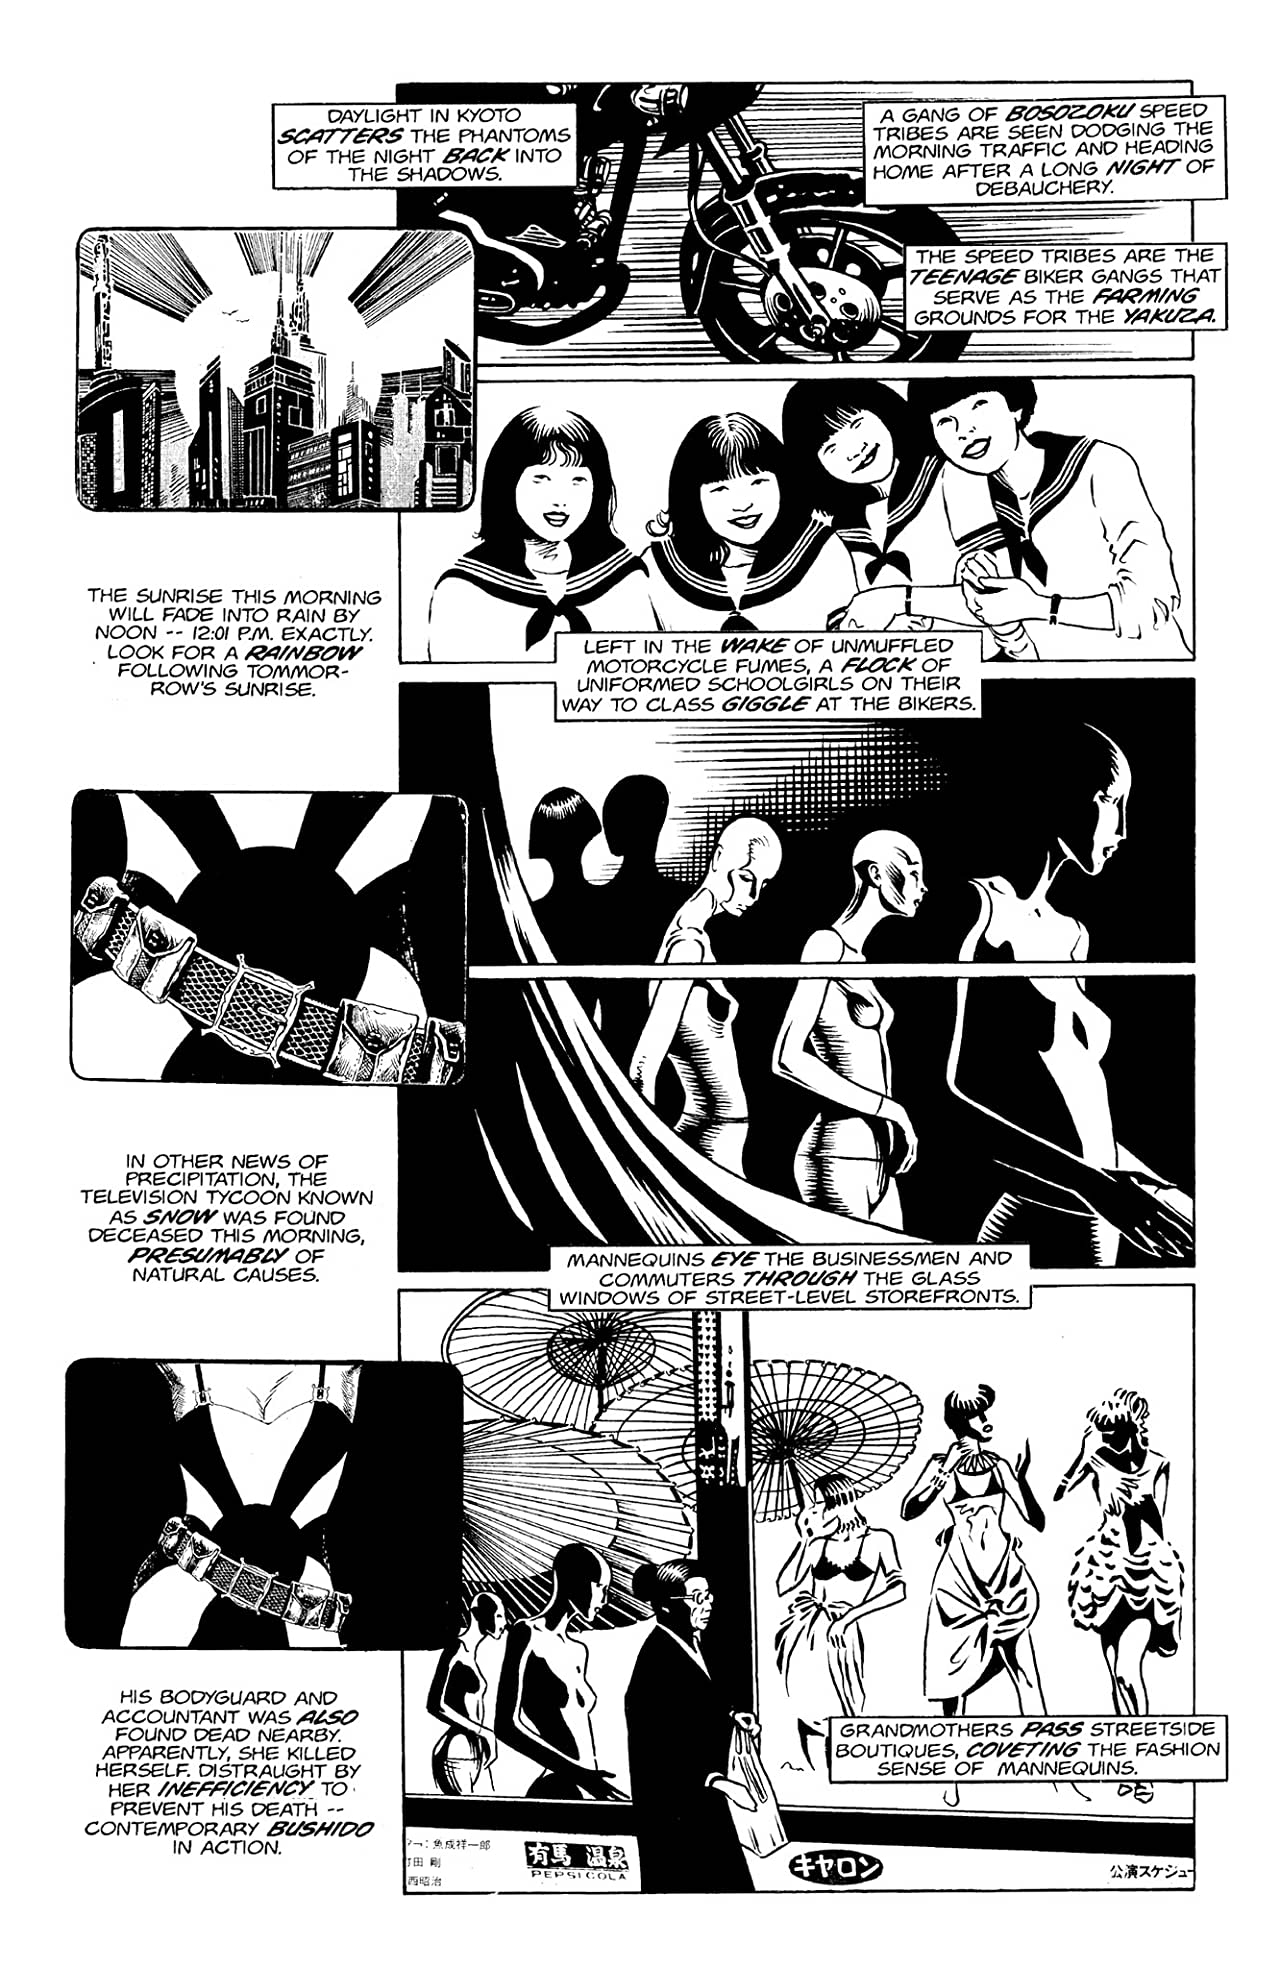 Kabuki vol. 1 #2